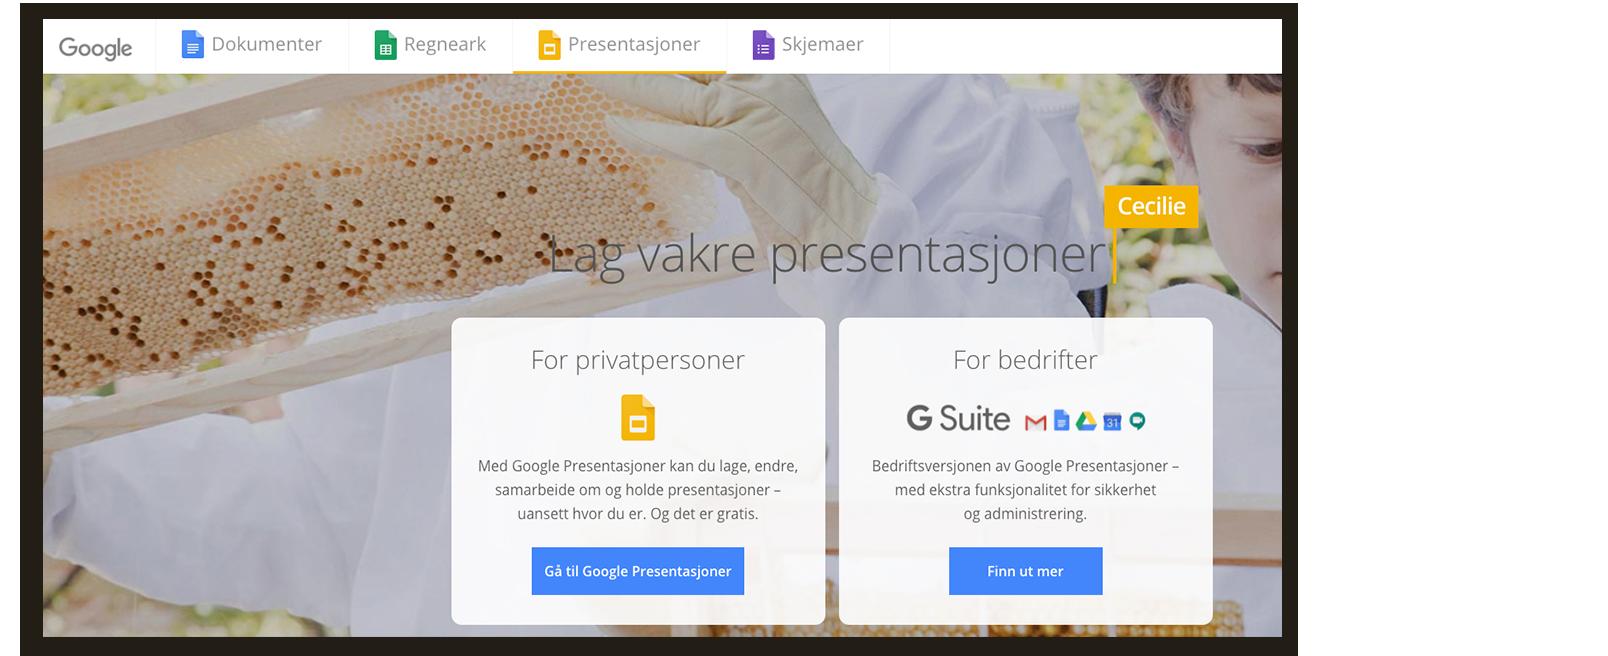 Google-presentasjoner-bilde-fra-nettsiden